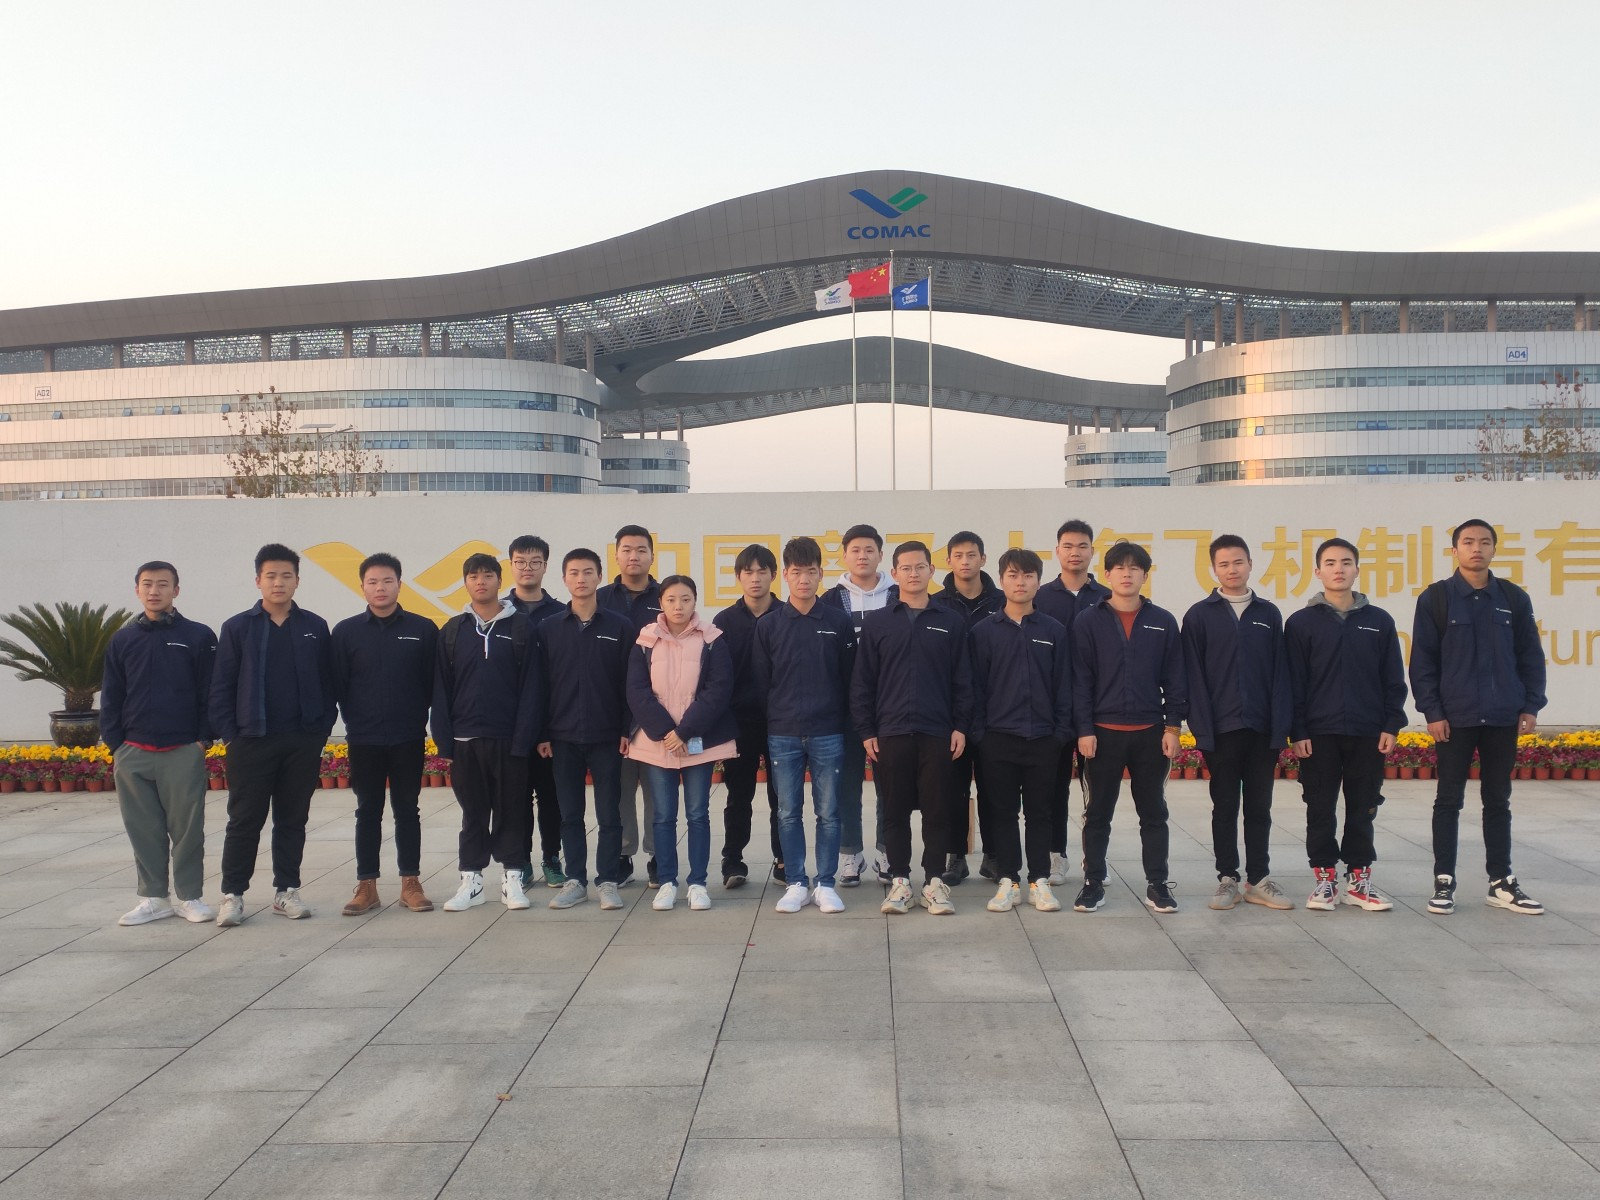 中国商飞上海飞机制造公司就业学生.jpg